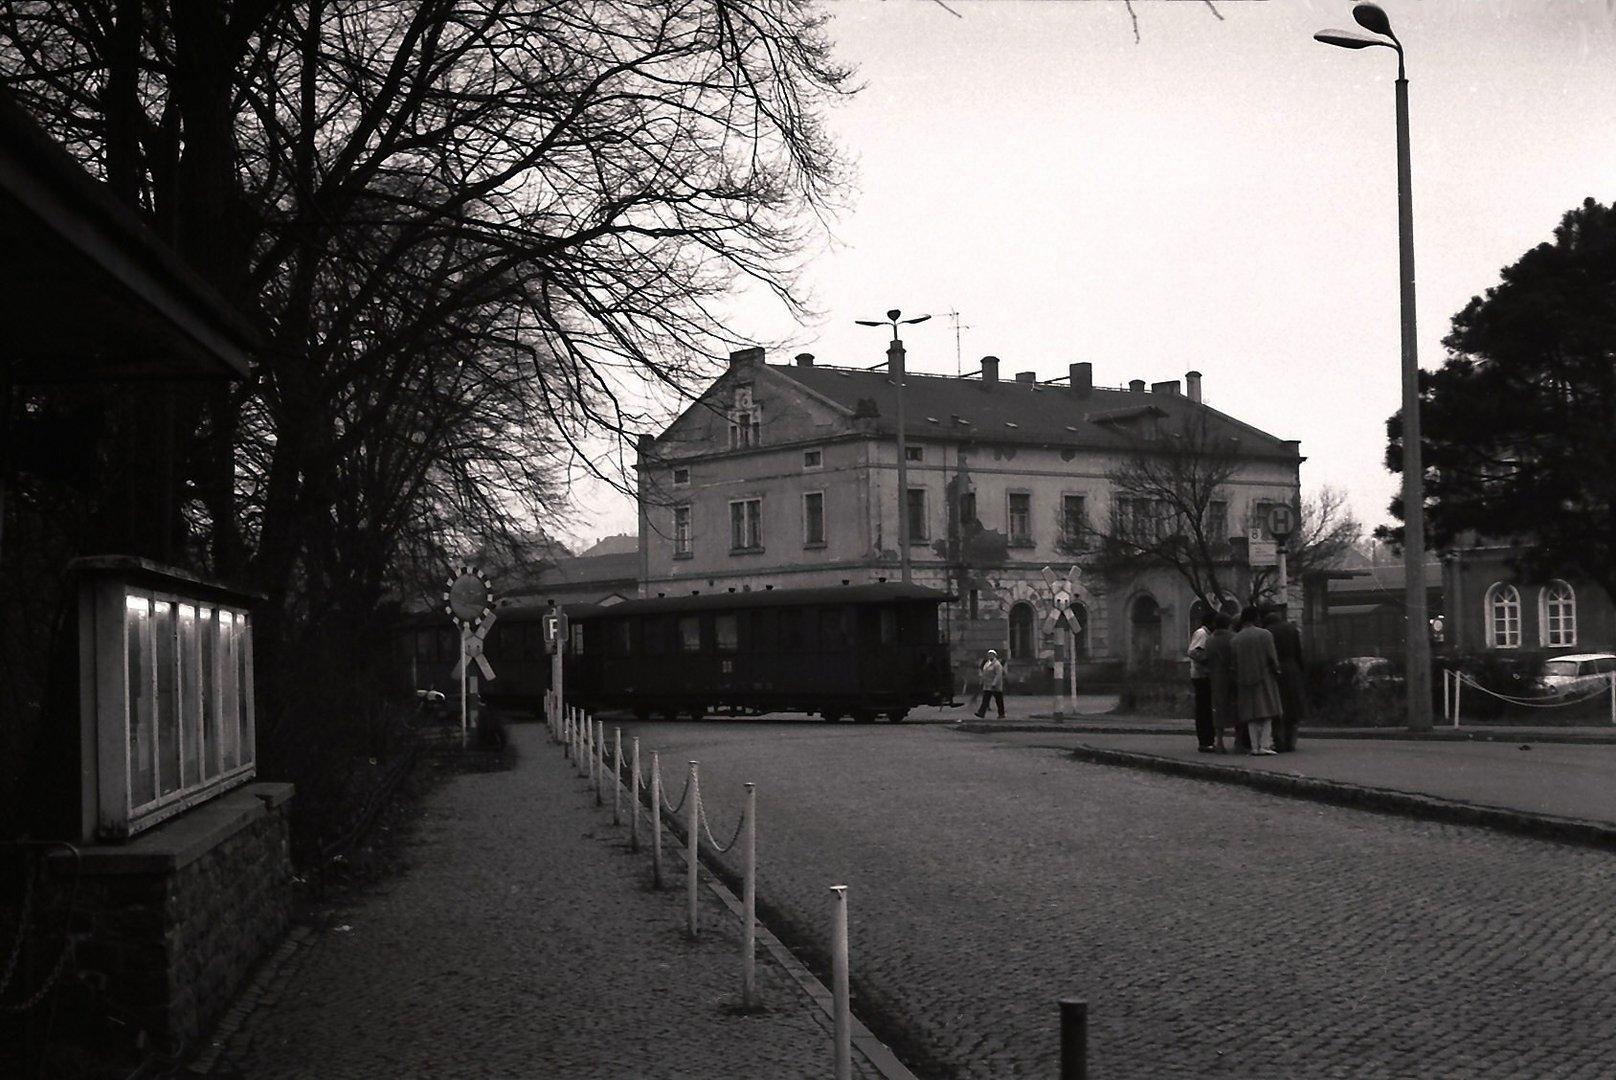 Bahnhofsvorplatz mit Schaukasten